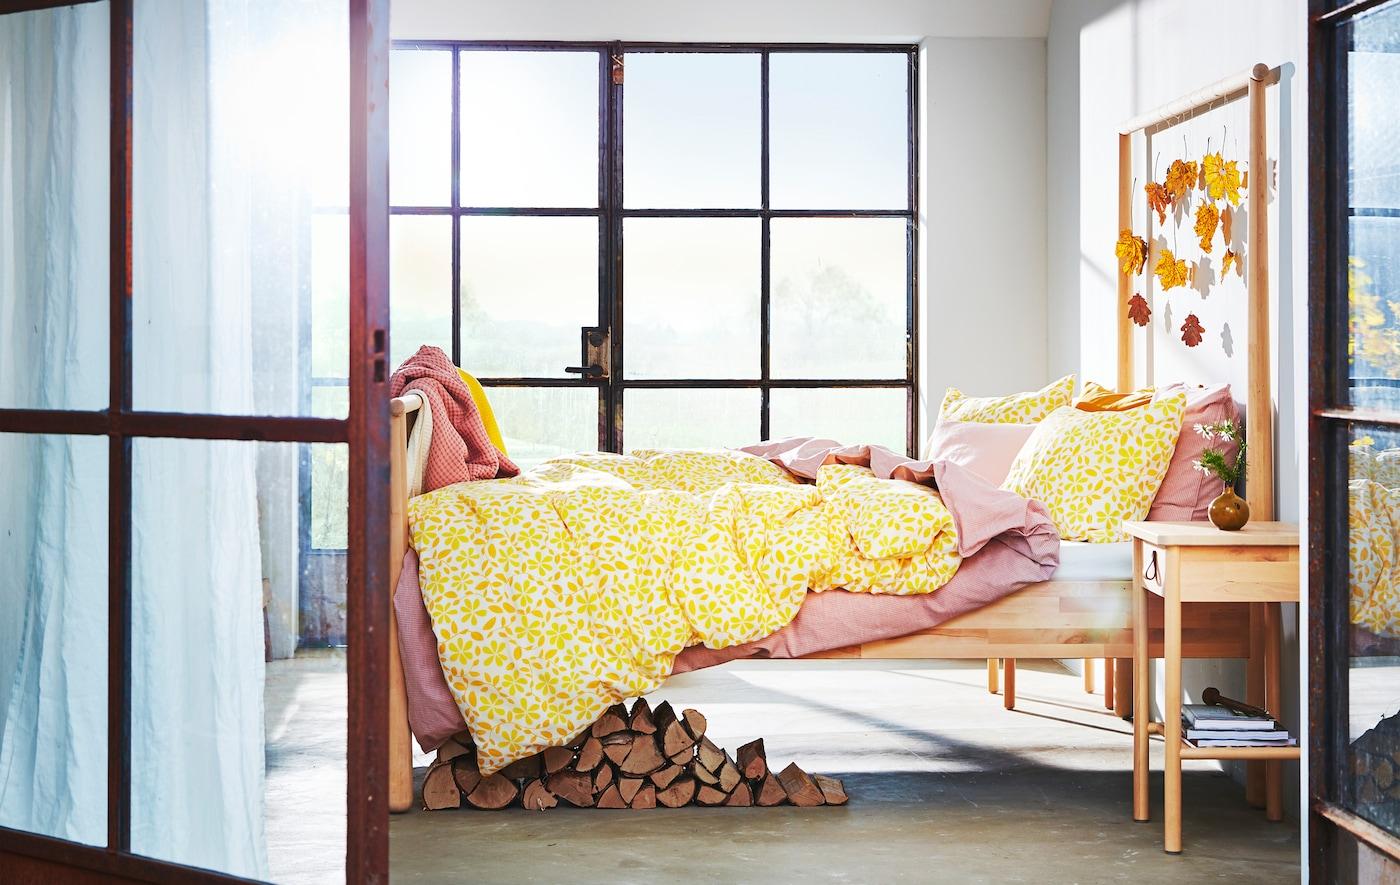 Ein Schlafzimmer mit großen Fenstern und einem Bett mit JUVELBLOMMA Bettwäsche-Set in Weiß/Gelb